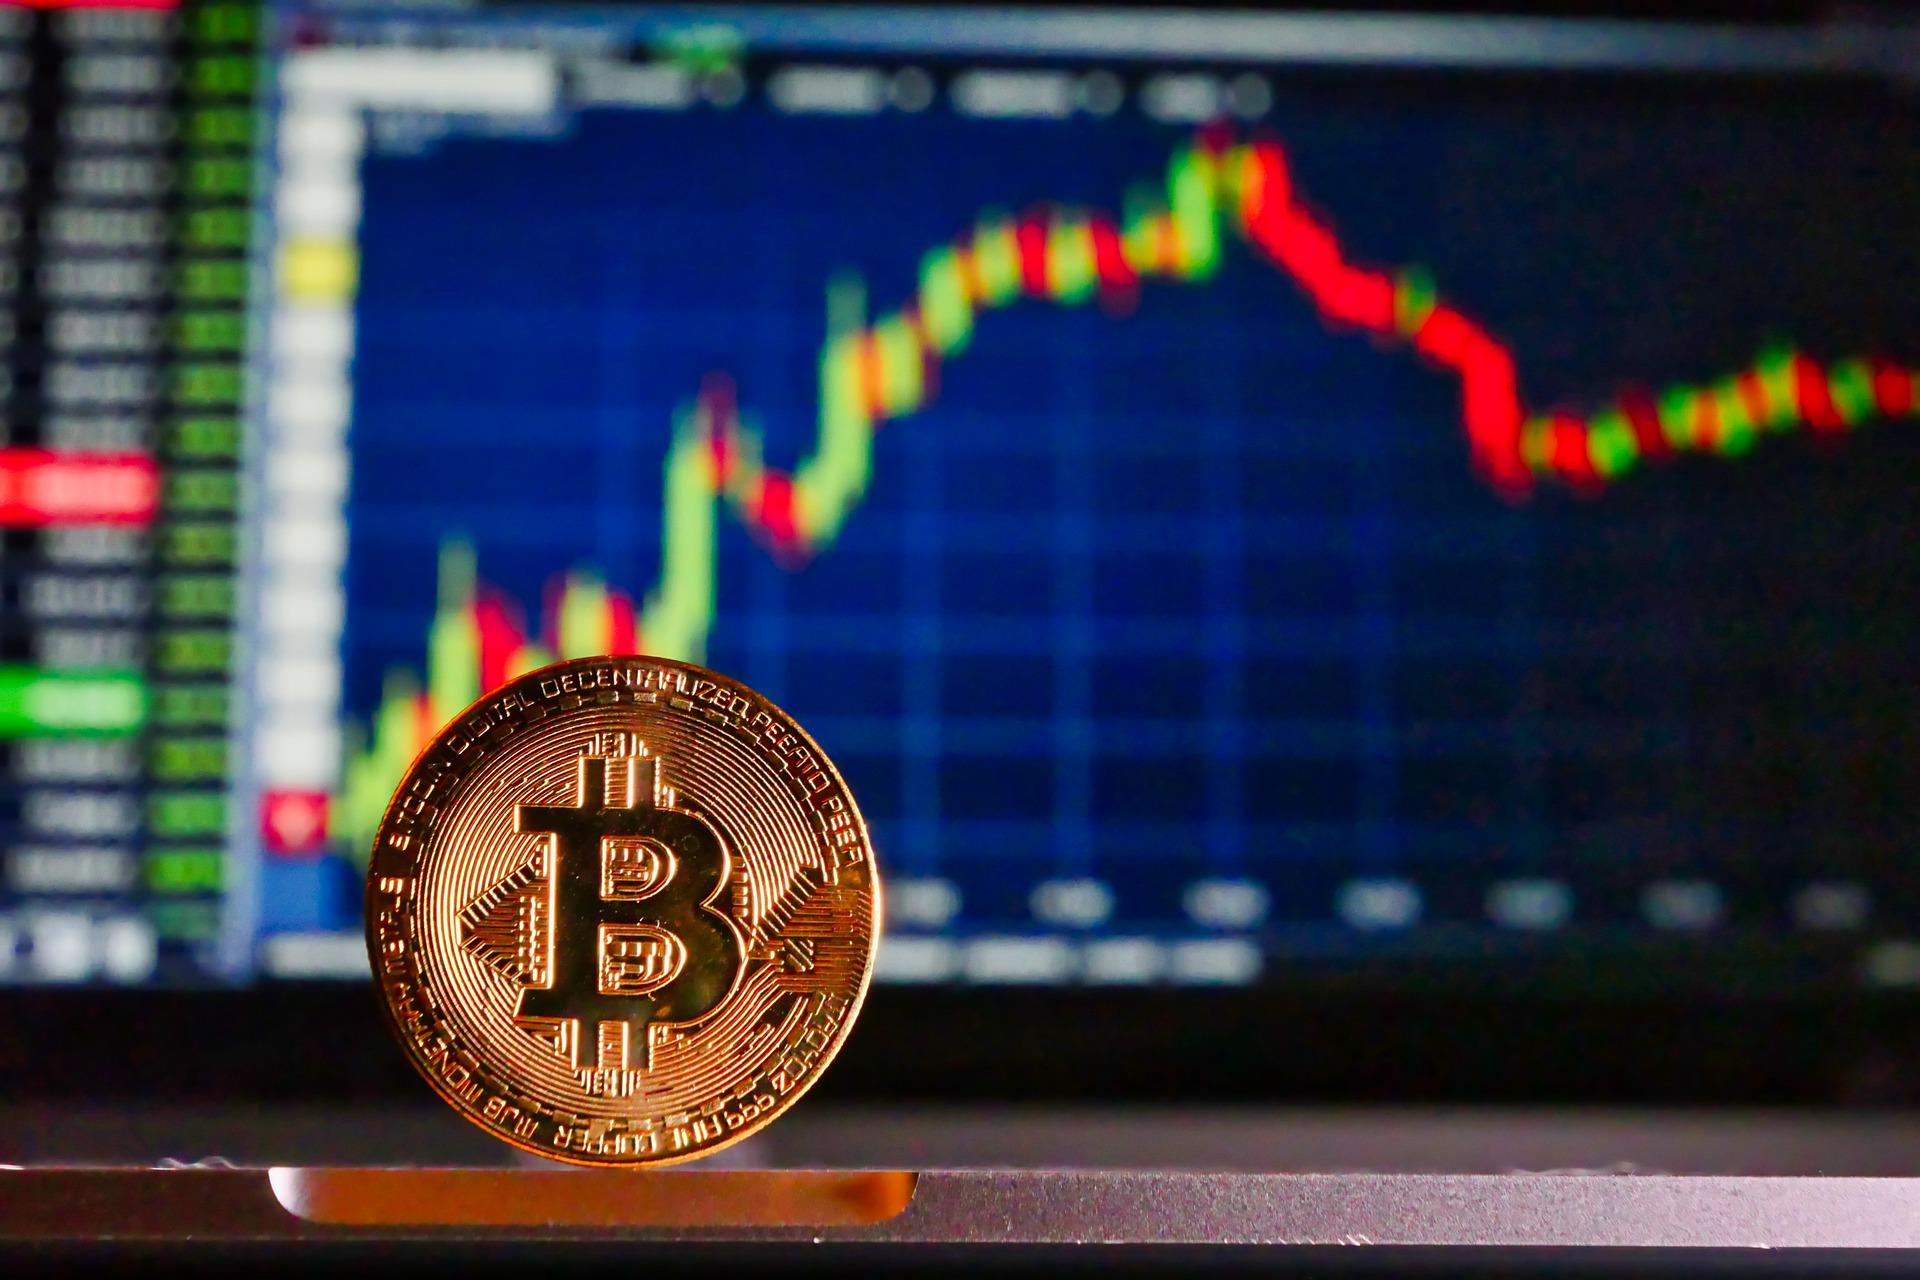 a bitcoin biztonságos yahoo válaszol 0 09 btc az inr-hez